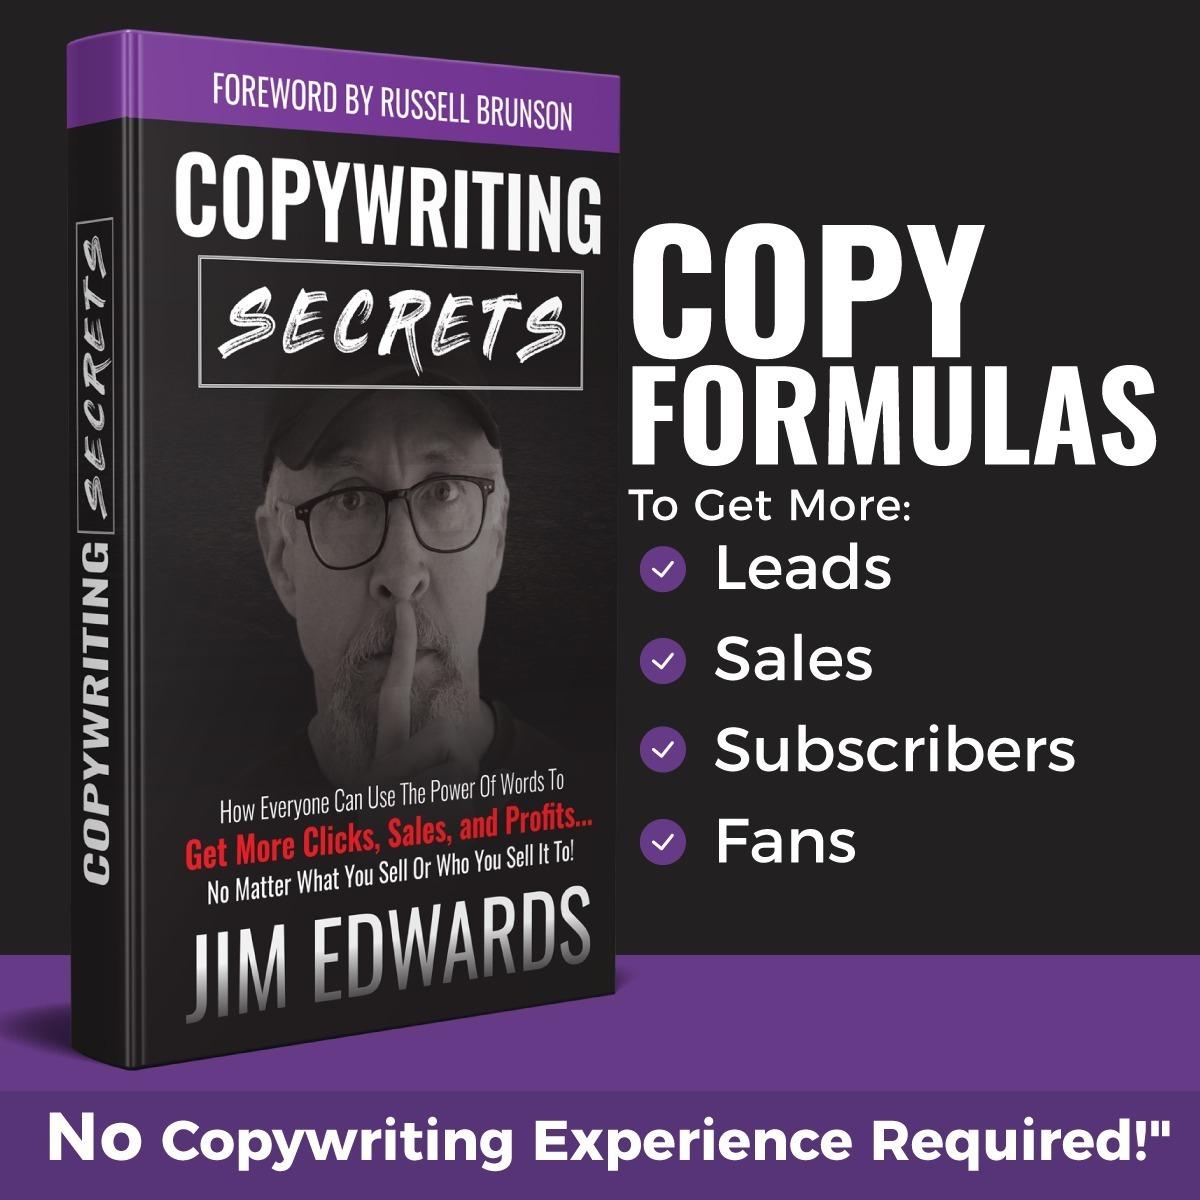 copywriting secrets free book by Jim Edwards